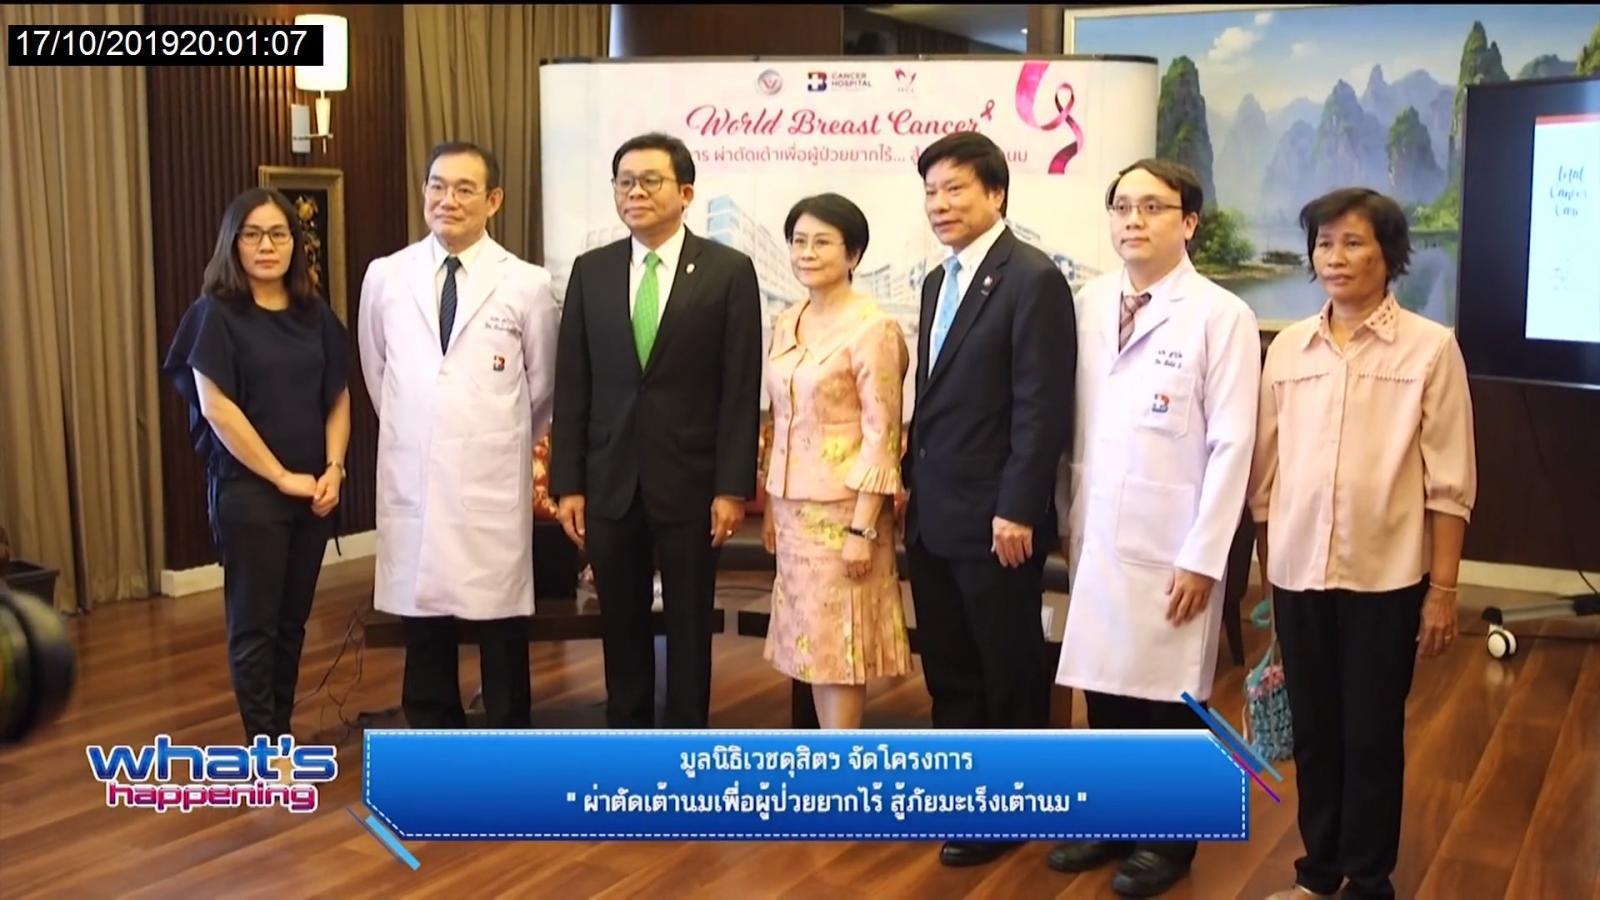 """มูลนิธิเวชดุสิตฯ จัด """"โครงการผ่าตัดเต้านมเพื่อผู้ป่วยยากไร้ สู้ภัยมะเร็งเต้านม"""""""